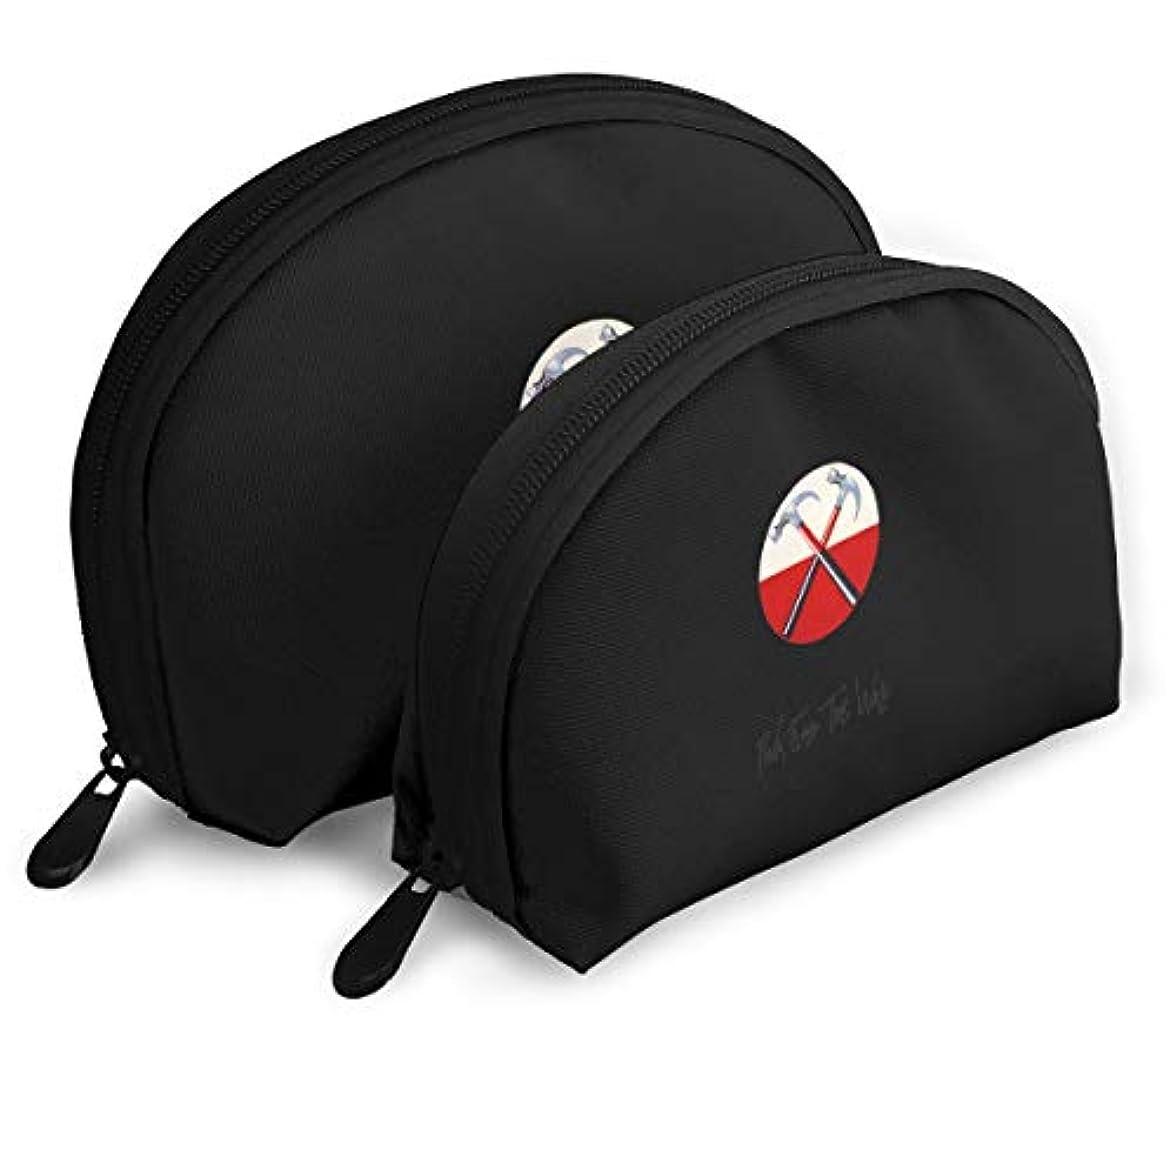 可能ショートカットトリップ化粧ポーチ 2点セット 半円形ポーチ トラベルポーチ ピンクフロイド メイクポーチ バッグインバッグ 親子ポーチ レディース 旅行も便利 大容量 軽い 化粧品 収納 筆箱 多機能 高級感